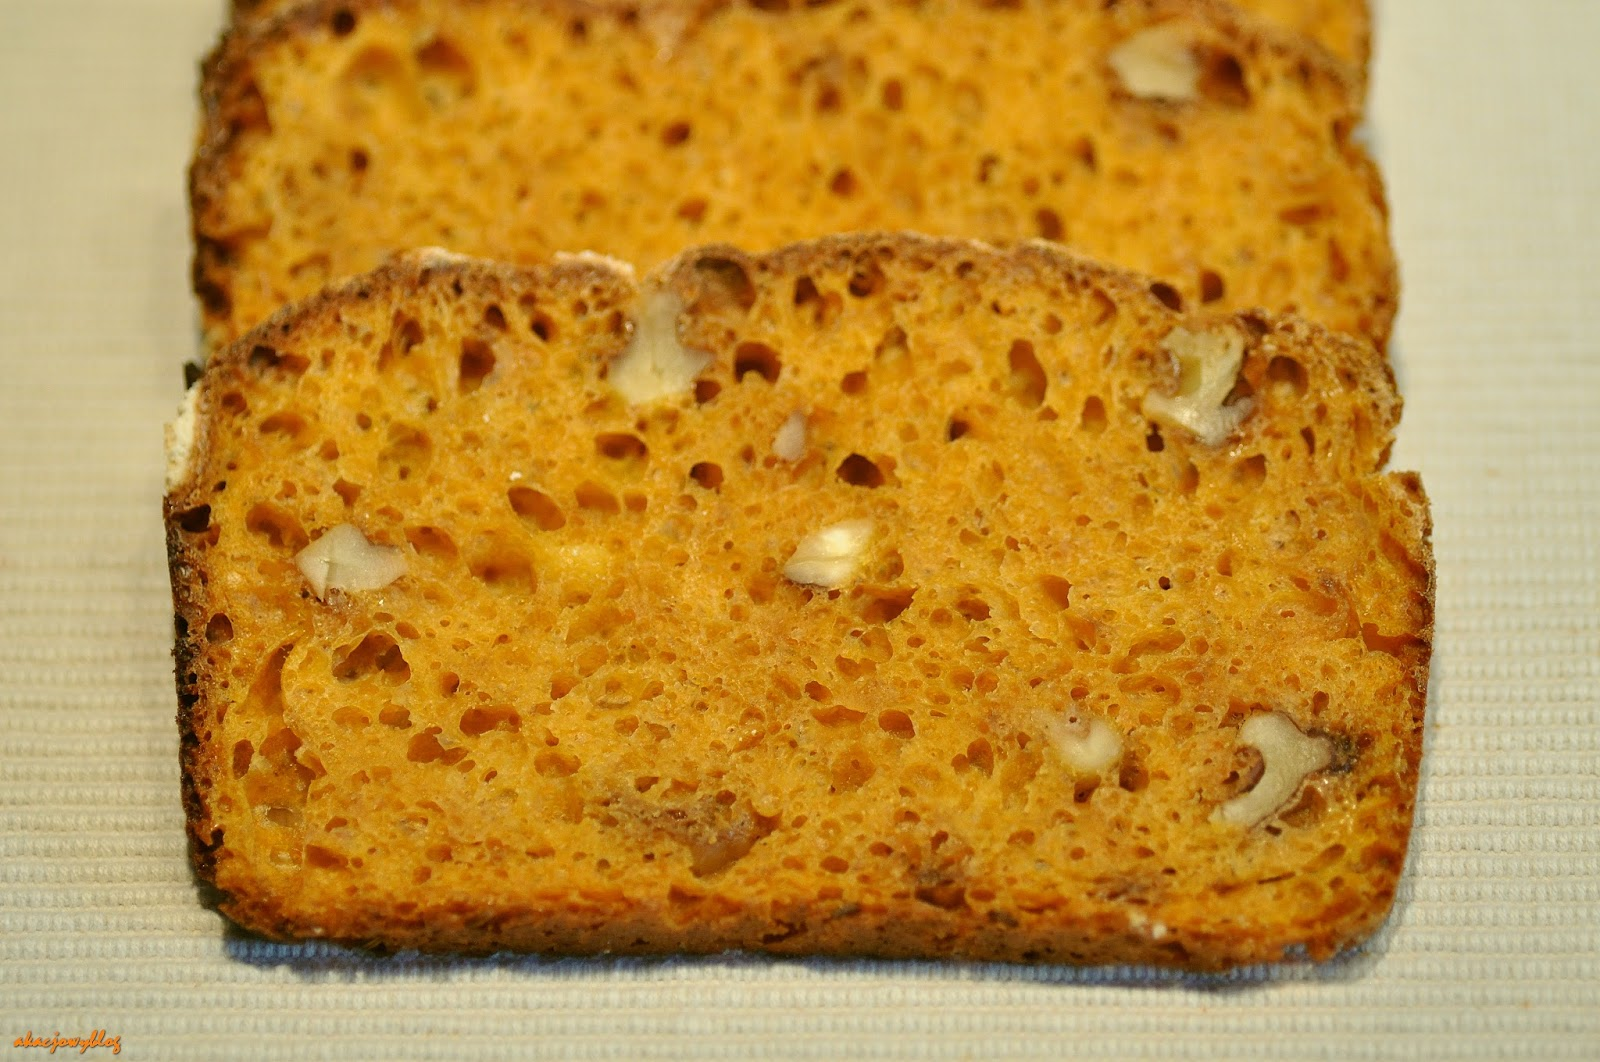 W pomarańczowej tonacji - chleb marchwiowy i nasz ptasi ulubieniec.